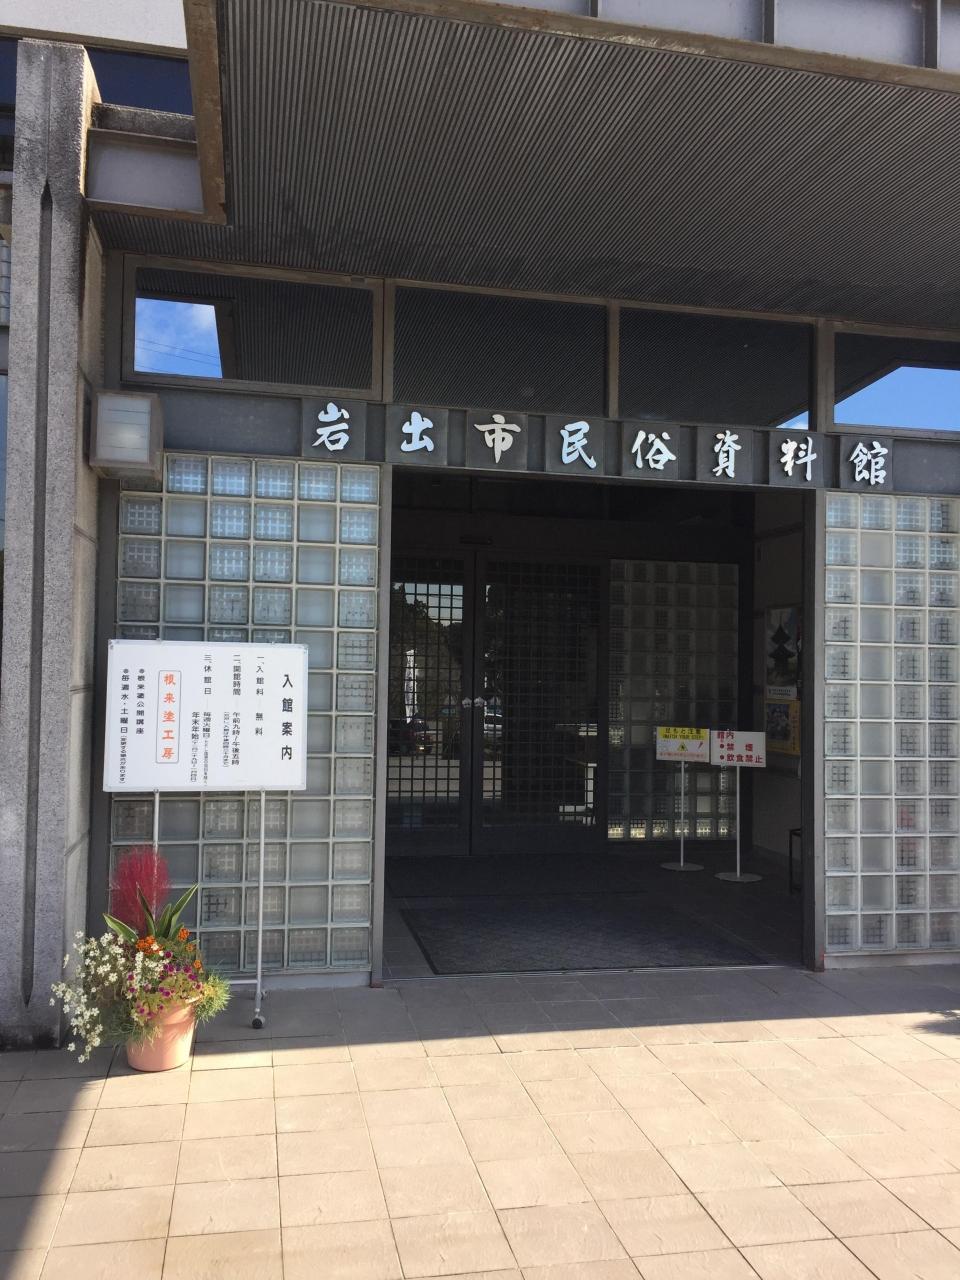 岩出市民俗資料館 クチコミガイド【フォートラベル】|岩出 ...